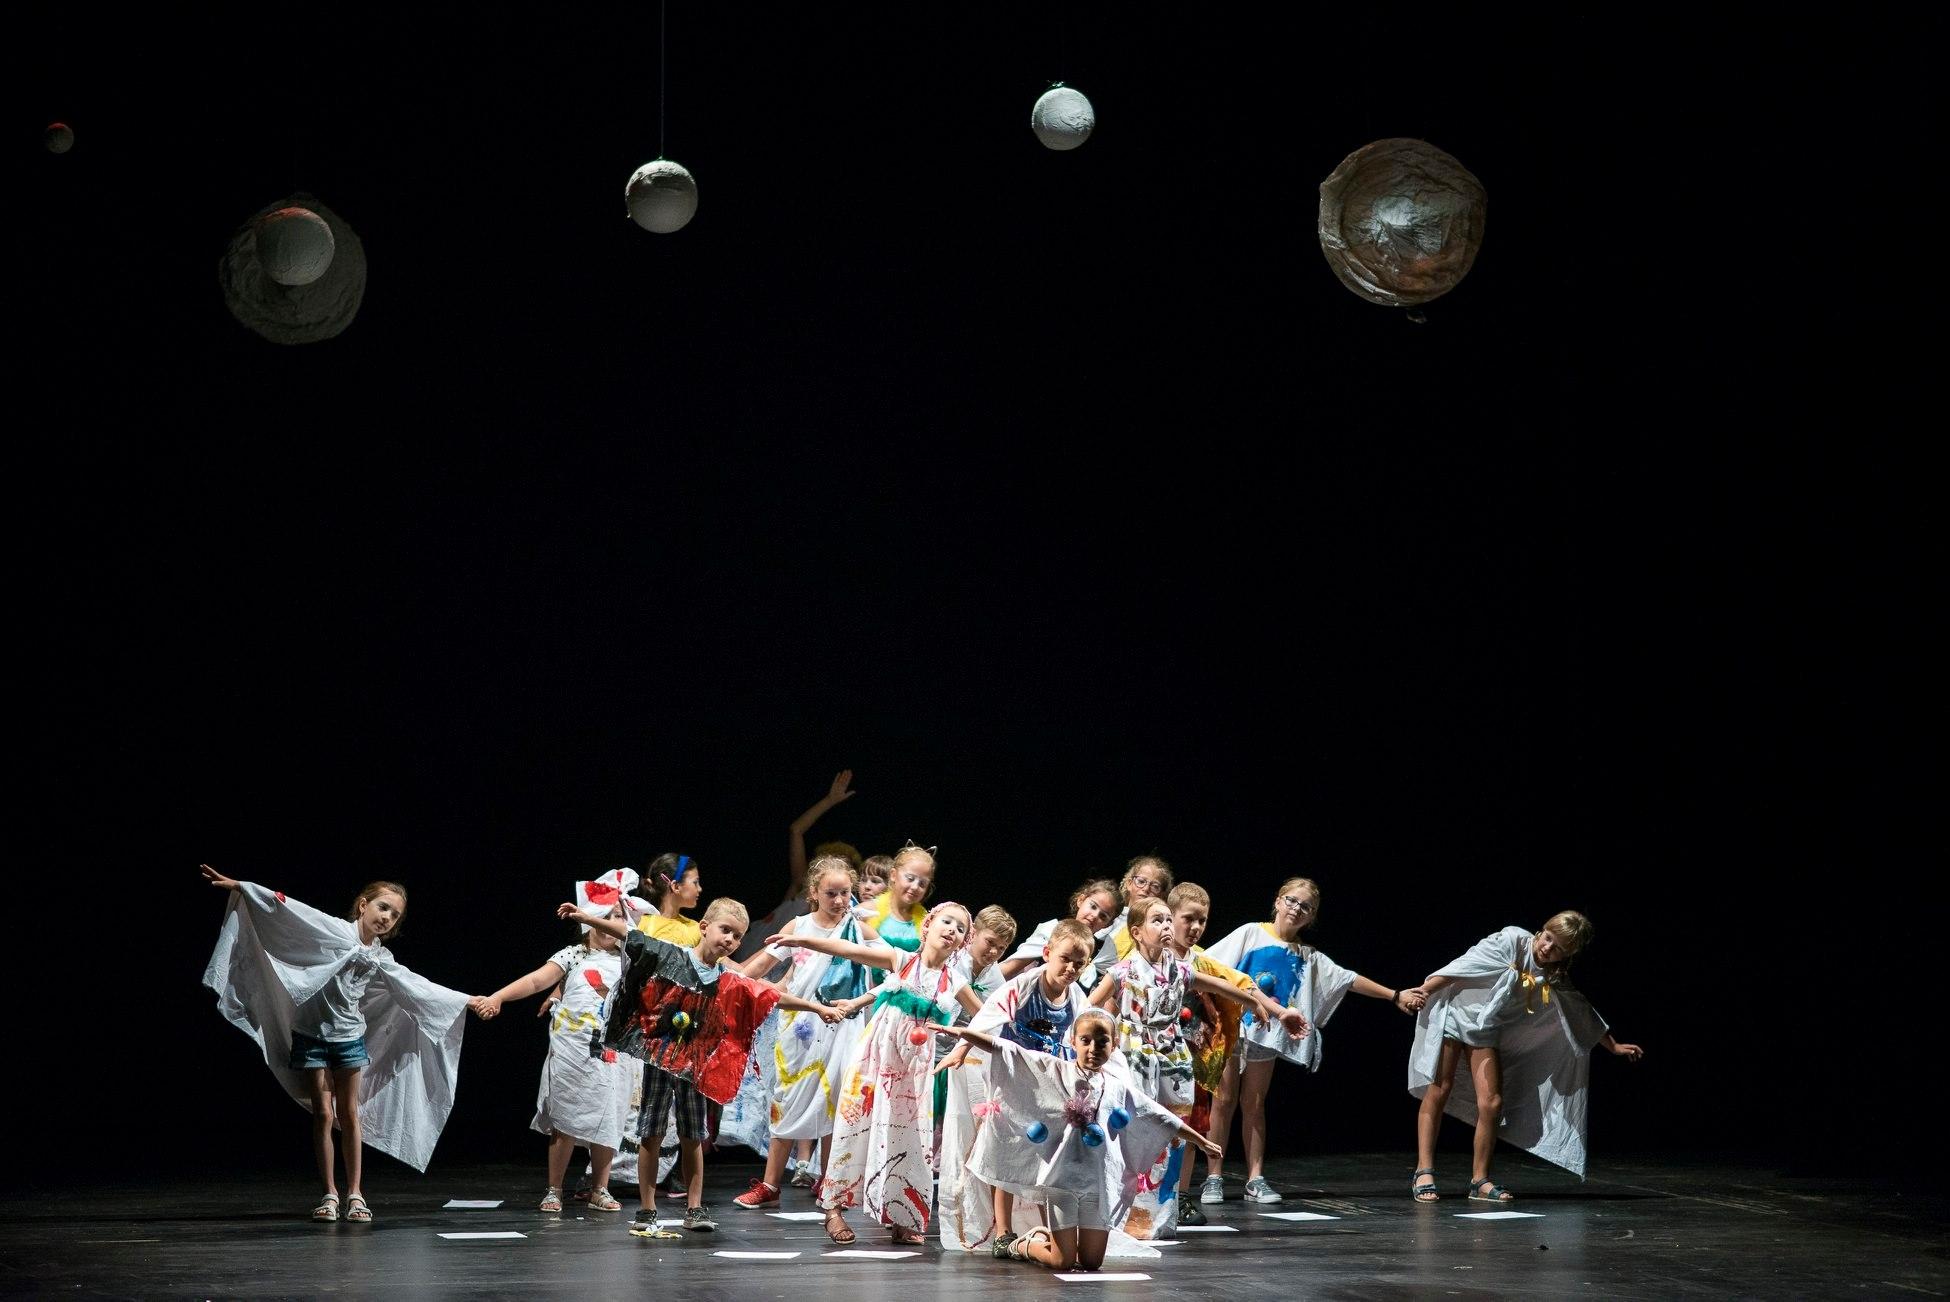 Denný divadelný tábor - Zaži svet divadla